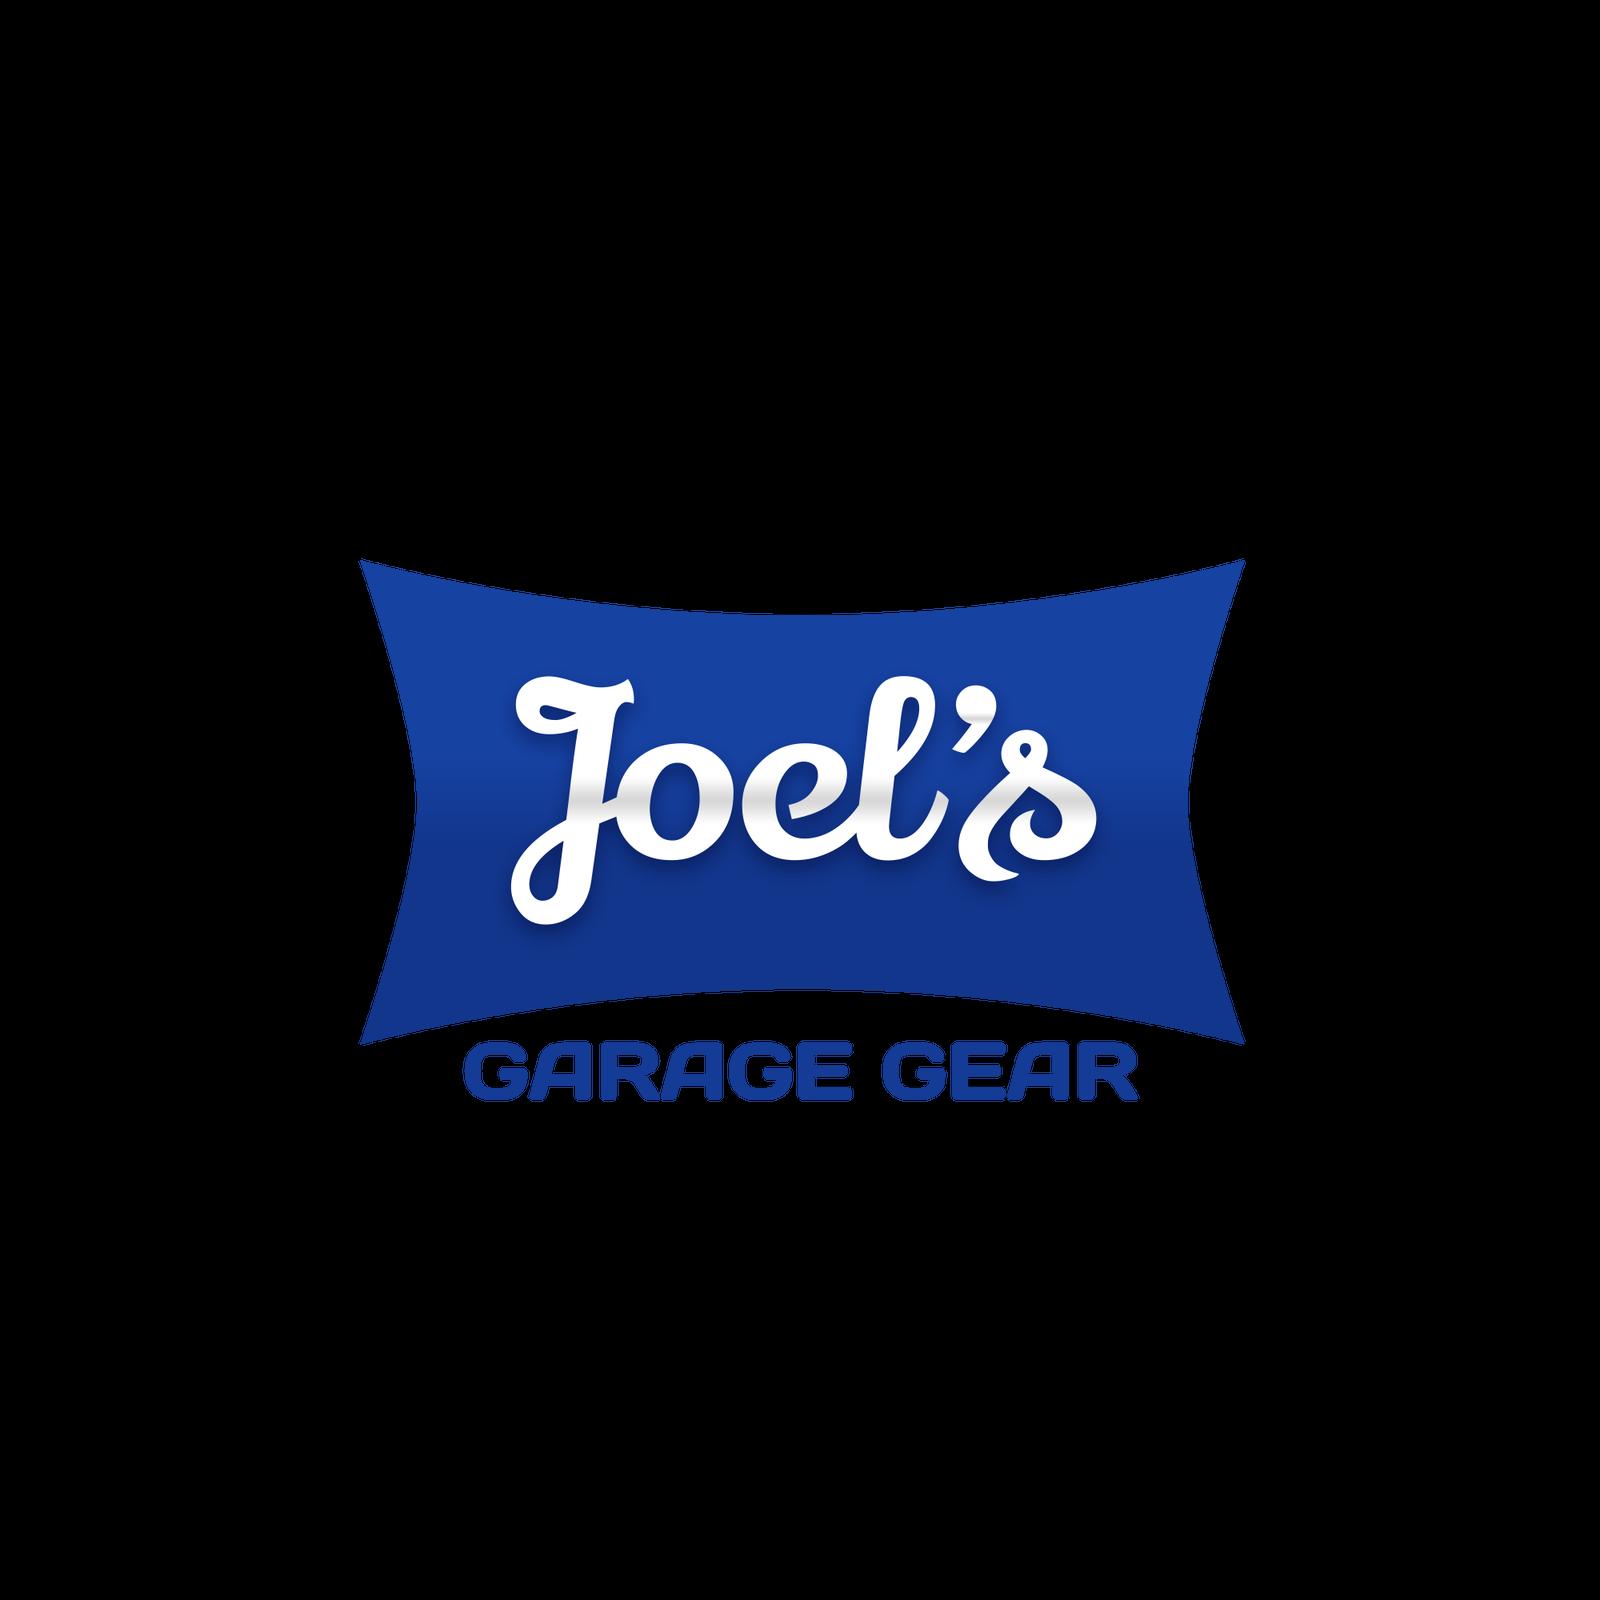 Joel's Garage Gear